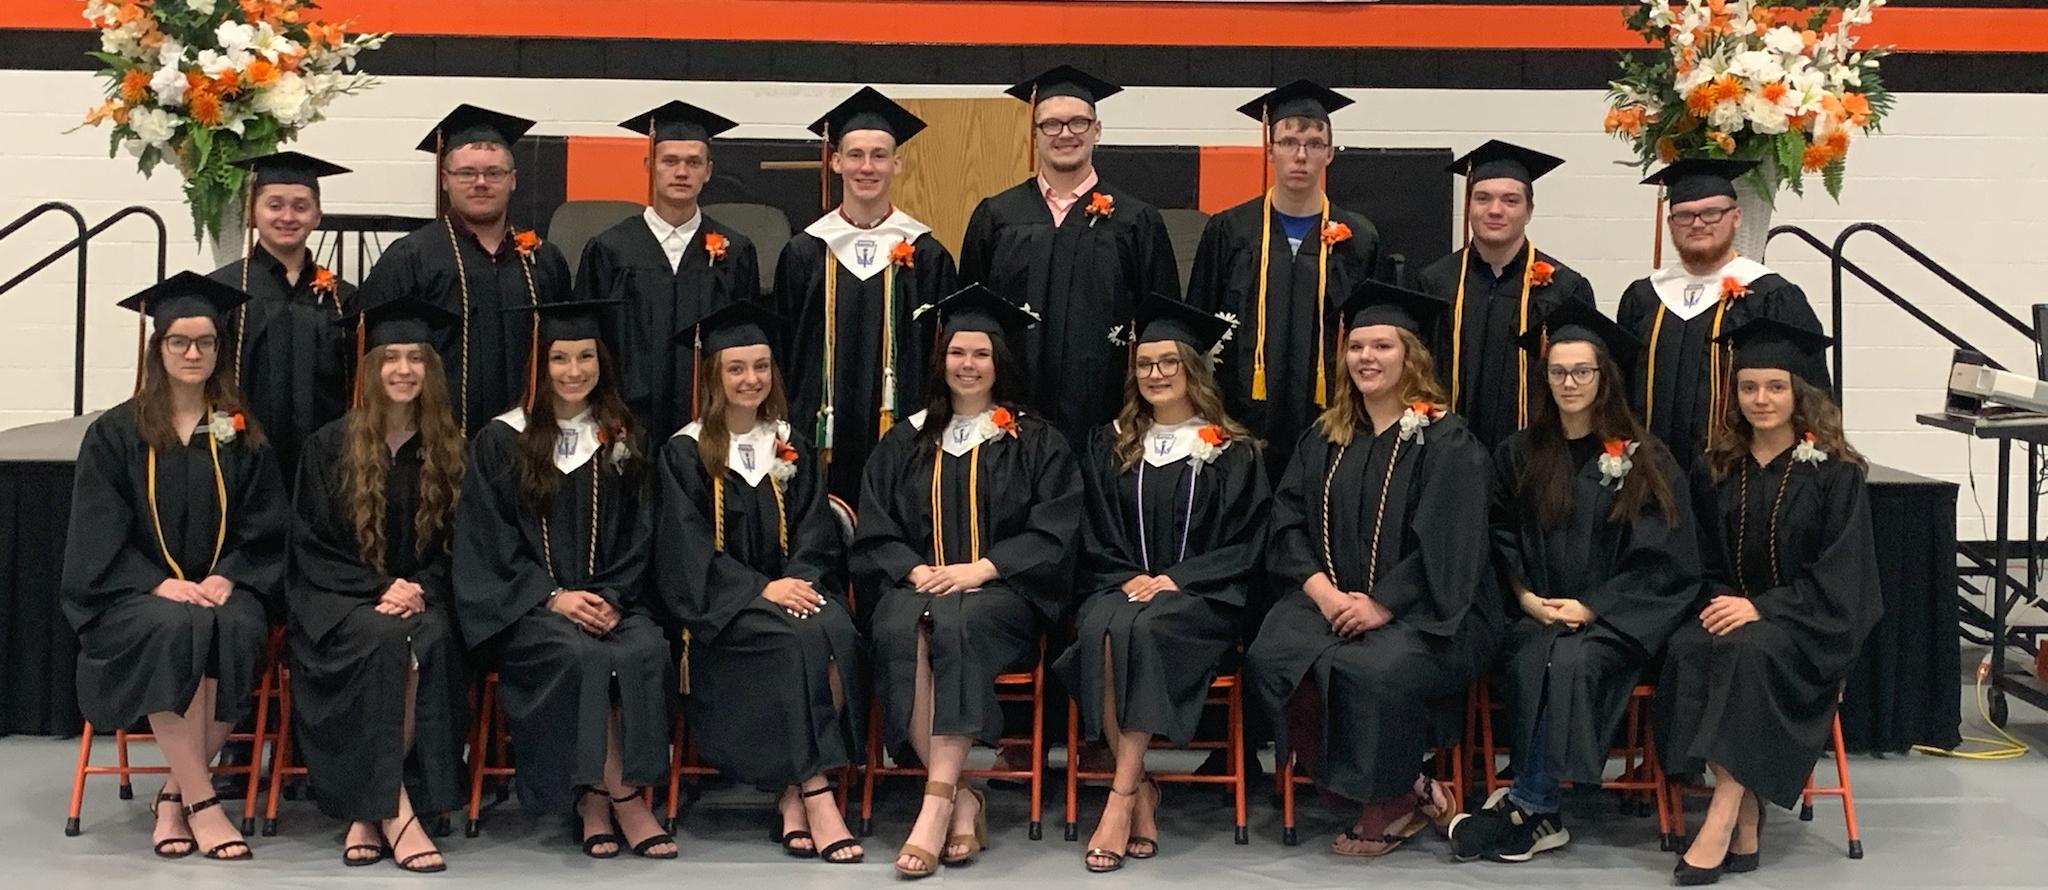 2021 Graduating Class - Congratulations!